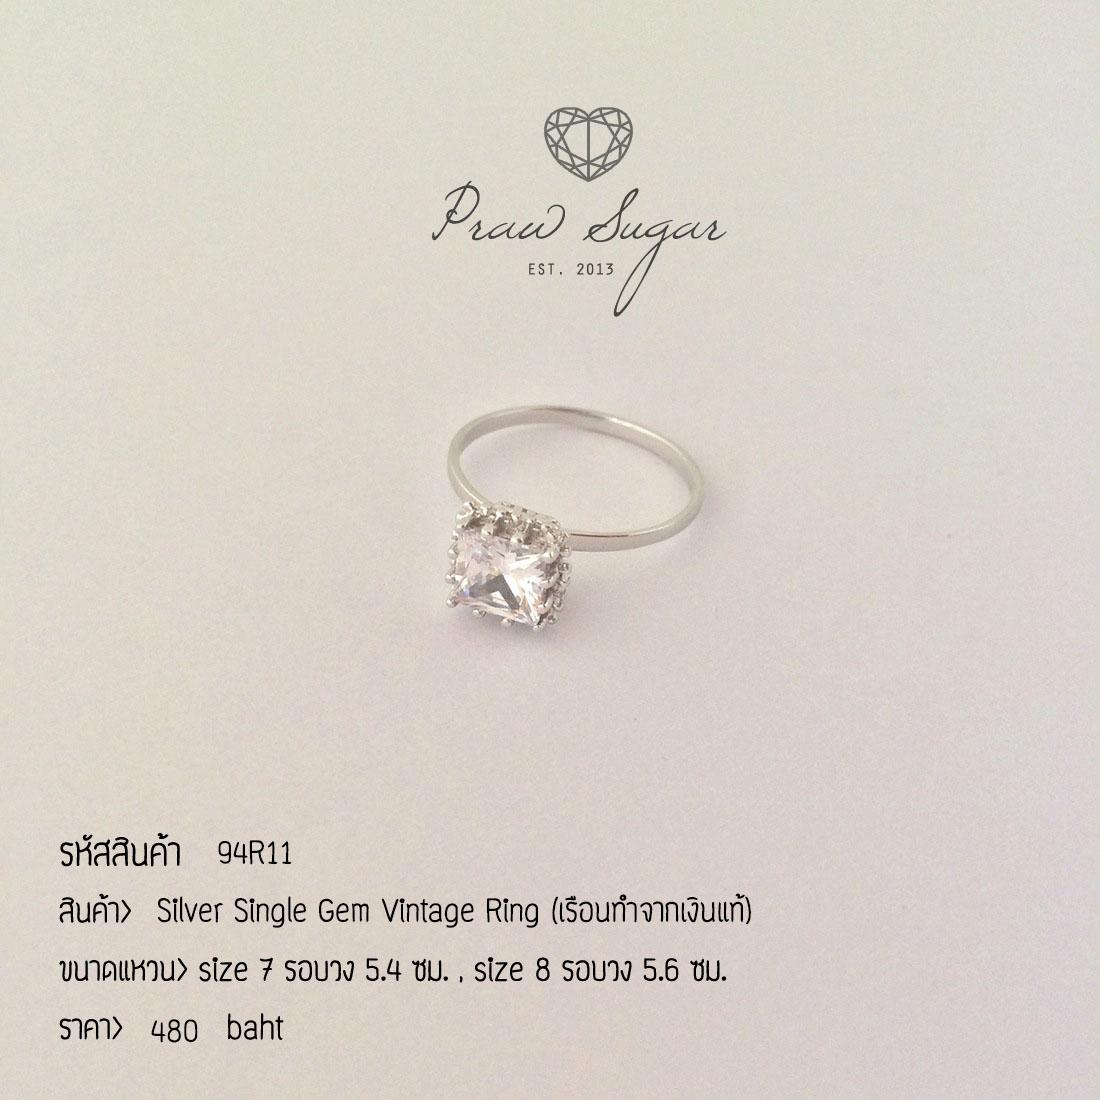 Silver Single Gem Vintage Ring